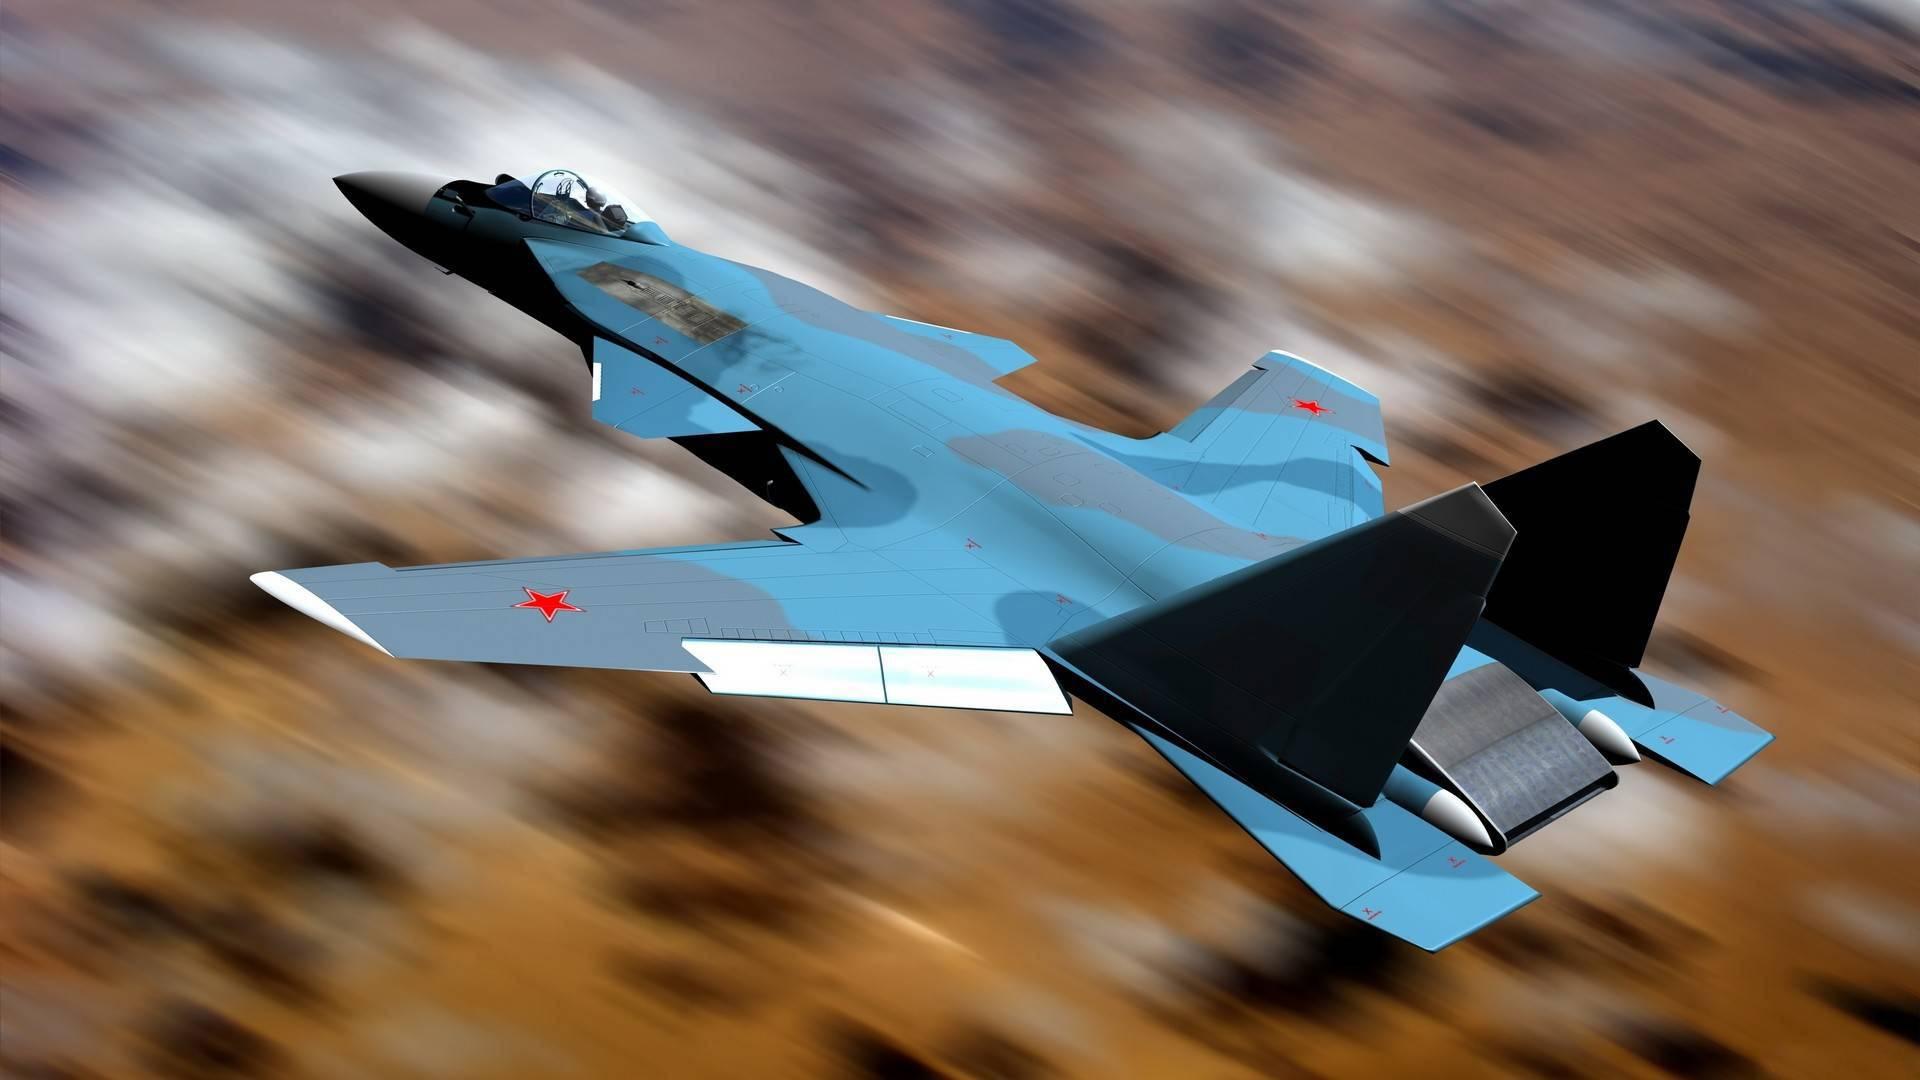 обои СУ-47, Беркут, истребитель, обратное крыло картинки фото